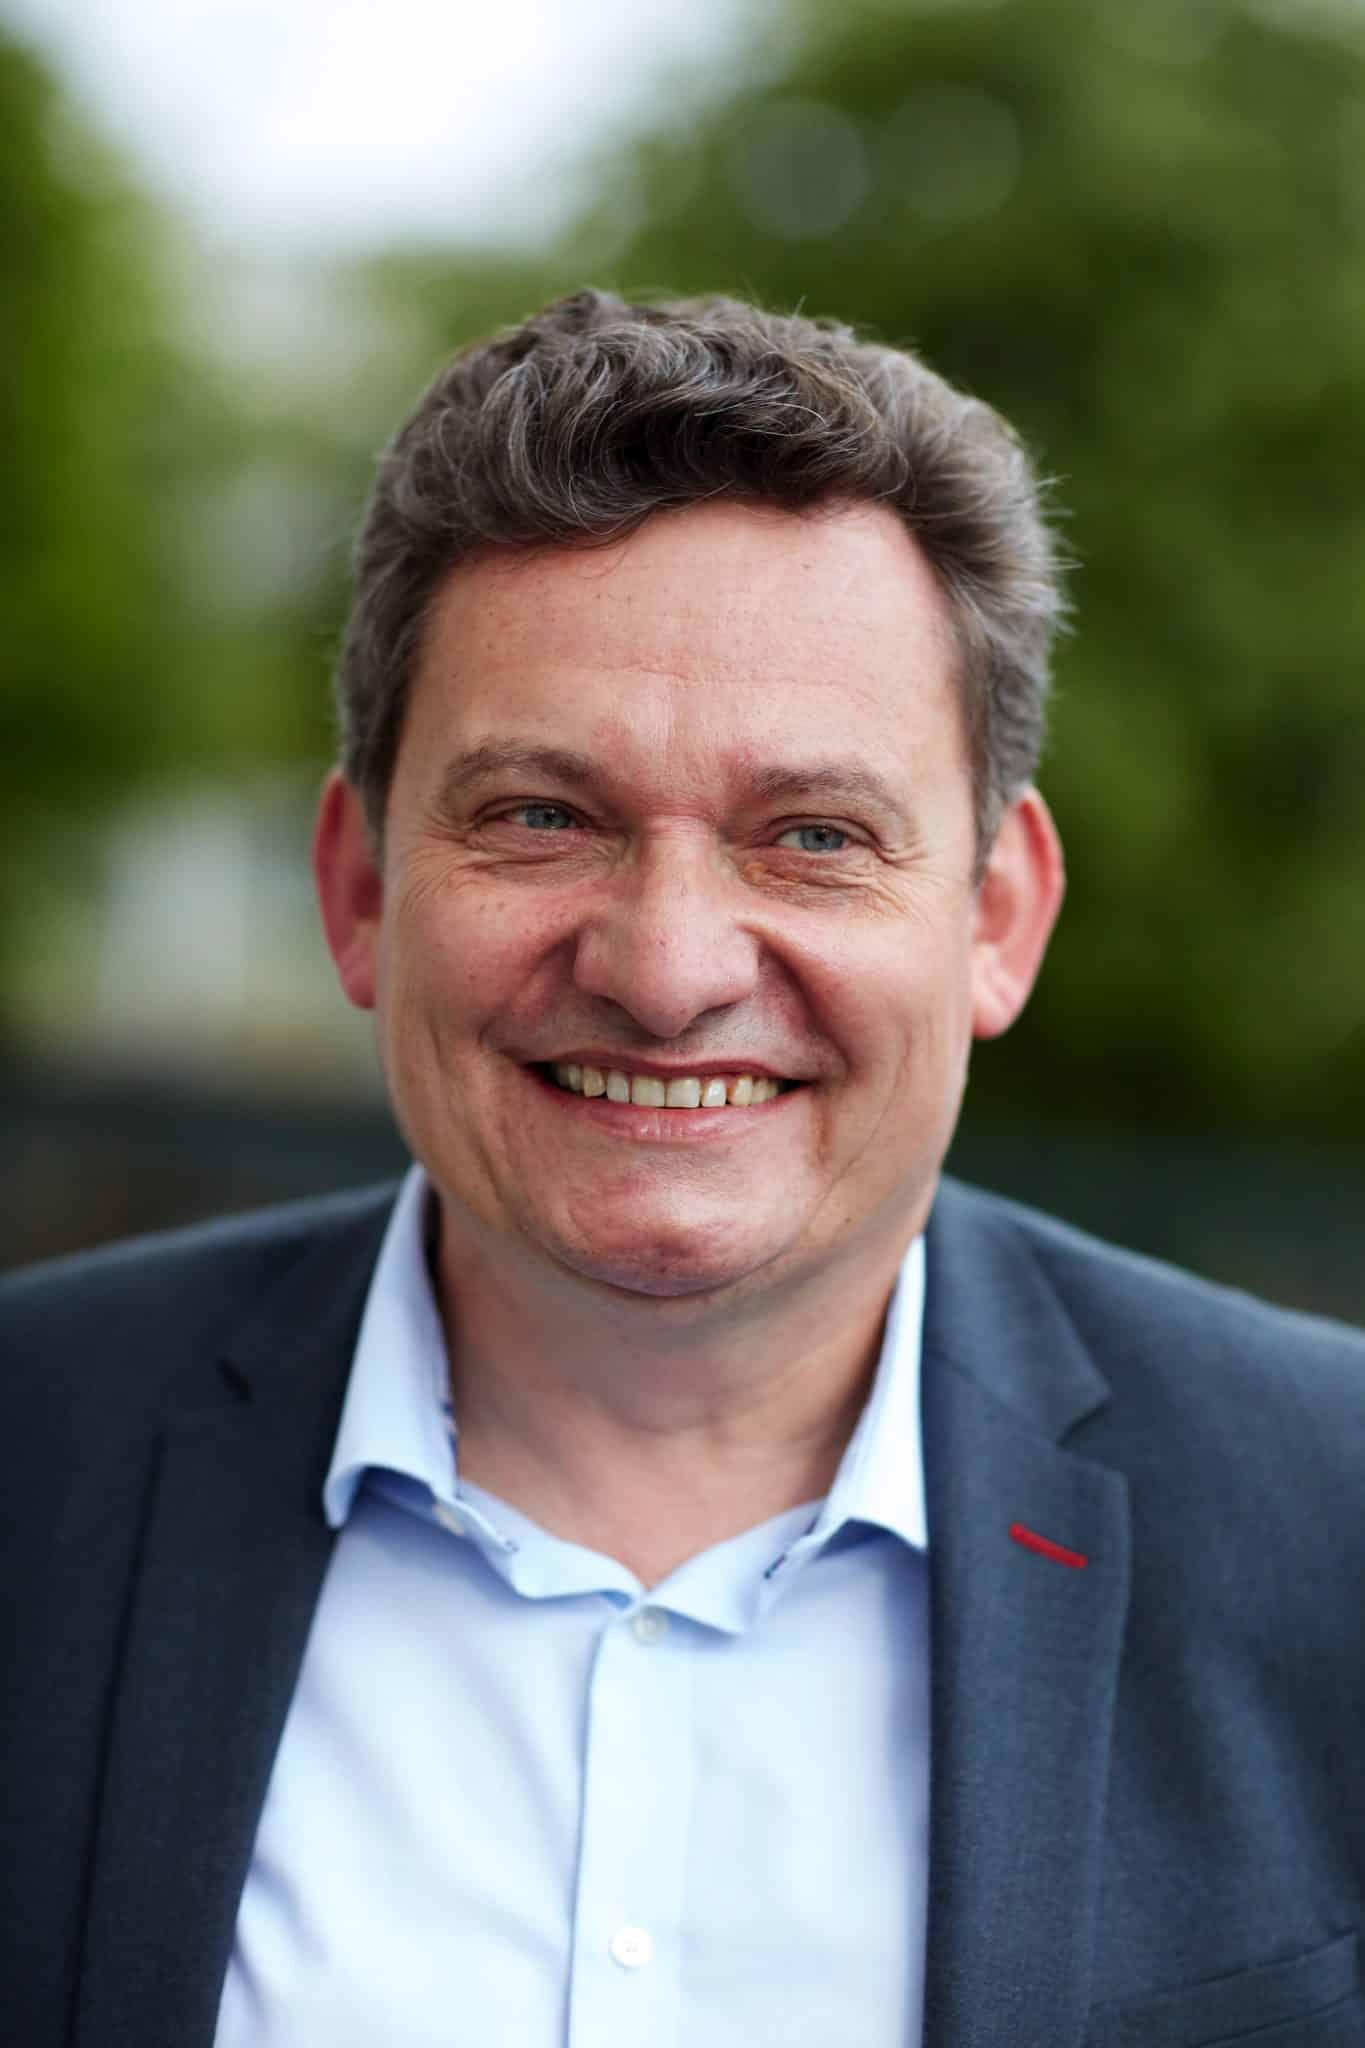 Olivier Helterlin